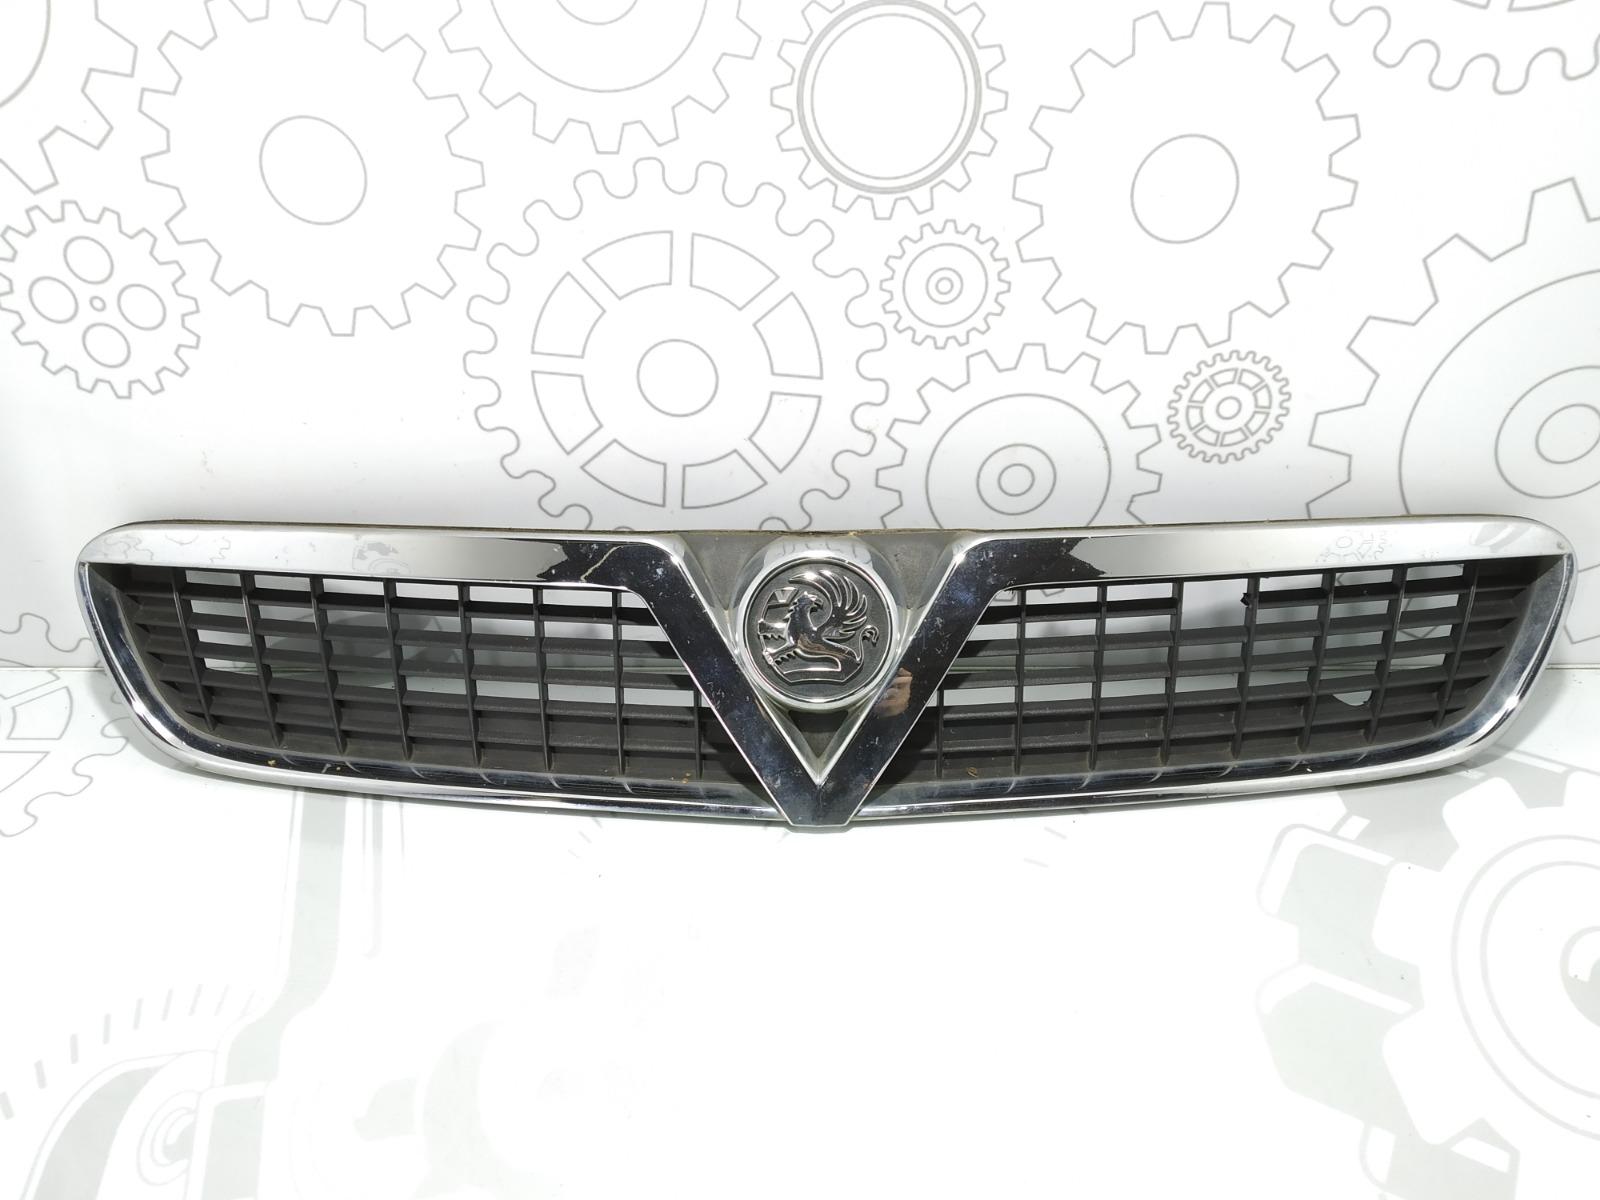 Решетка радиатора Opel Vectra C 1.9 CDTI 2005 (б/у)